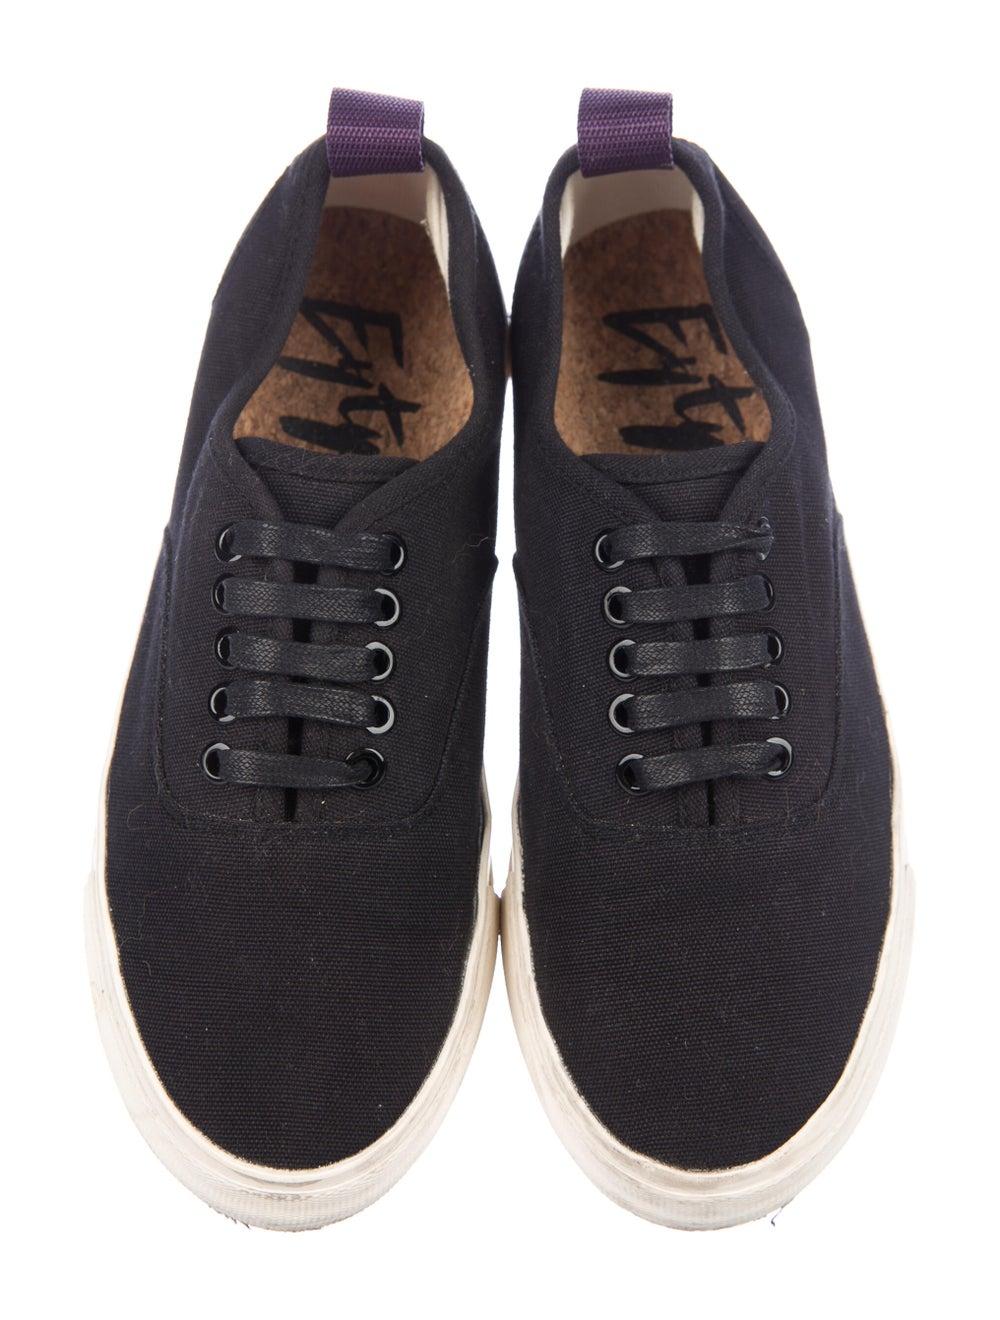 Eytys Sneakers Black - image 3